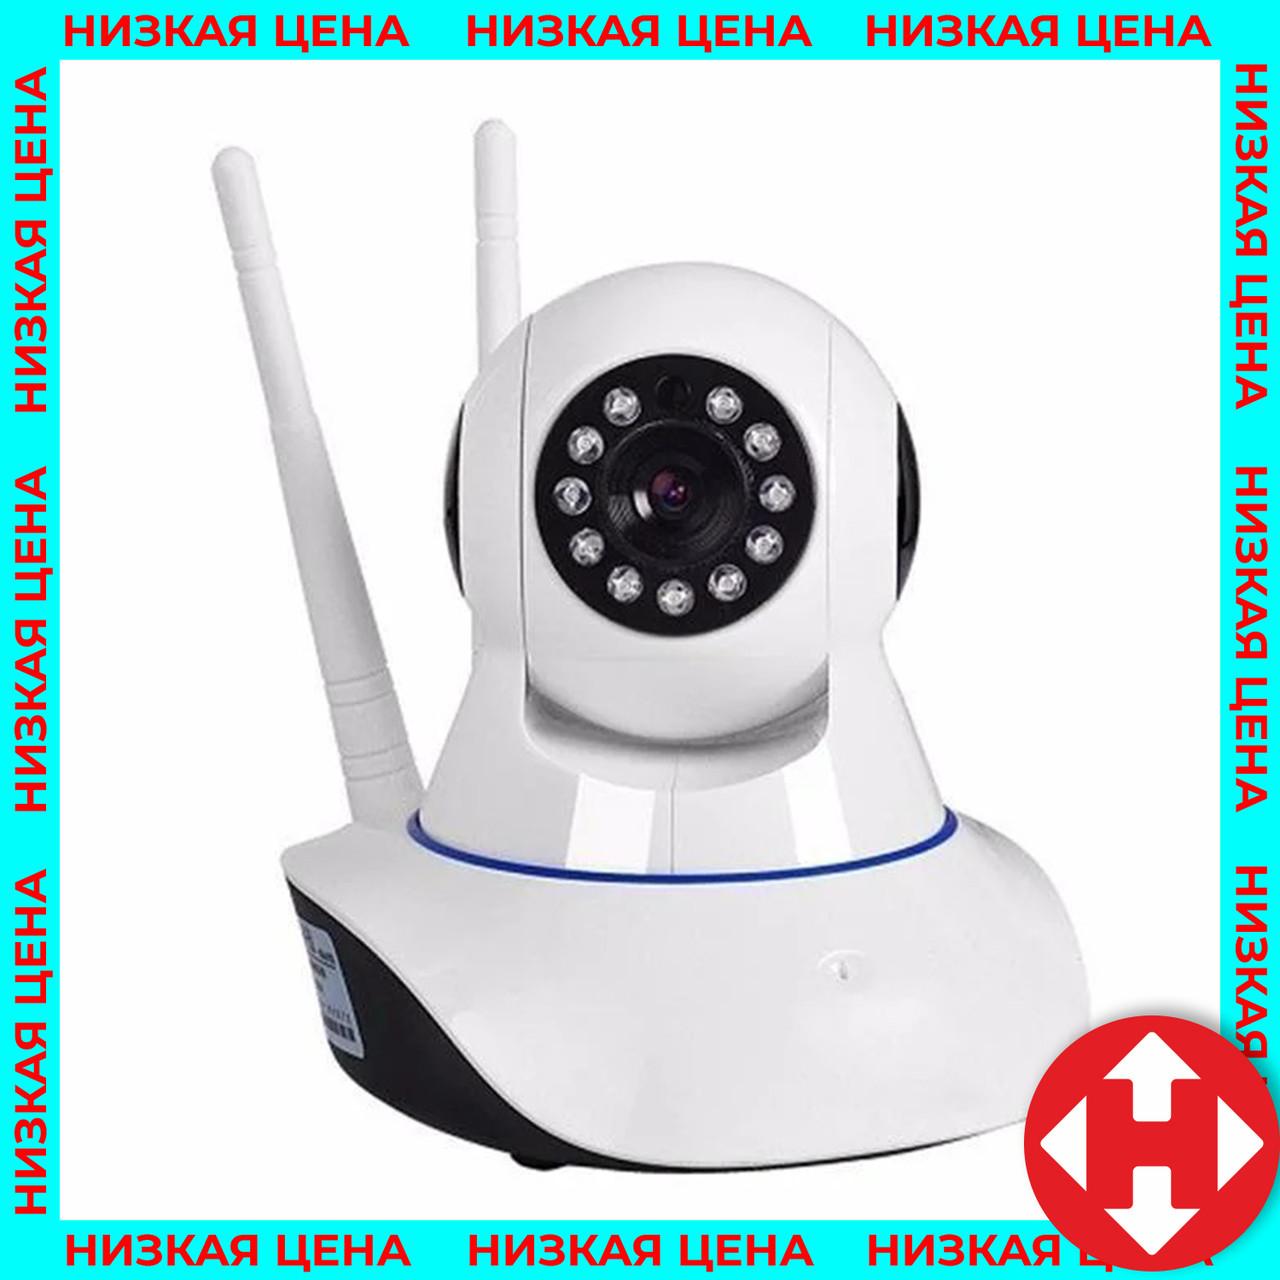 Ip камера видеонаблюдения для дома - вайфай поворотная ip камера беспроводная